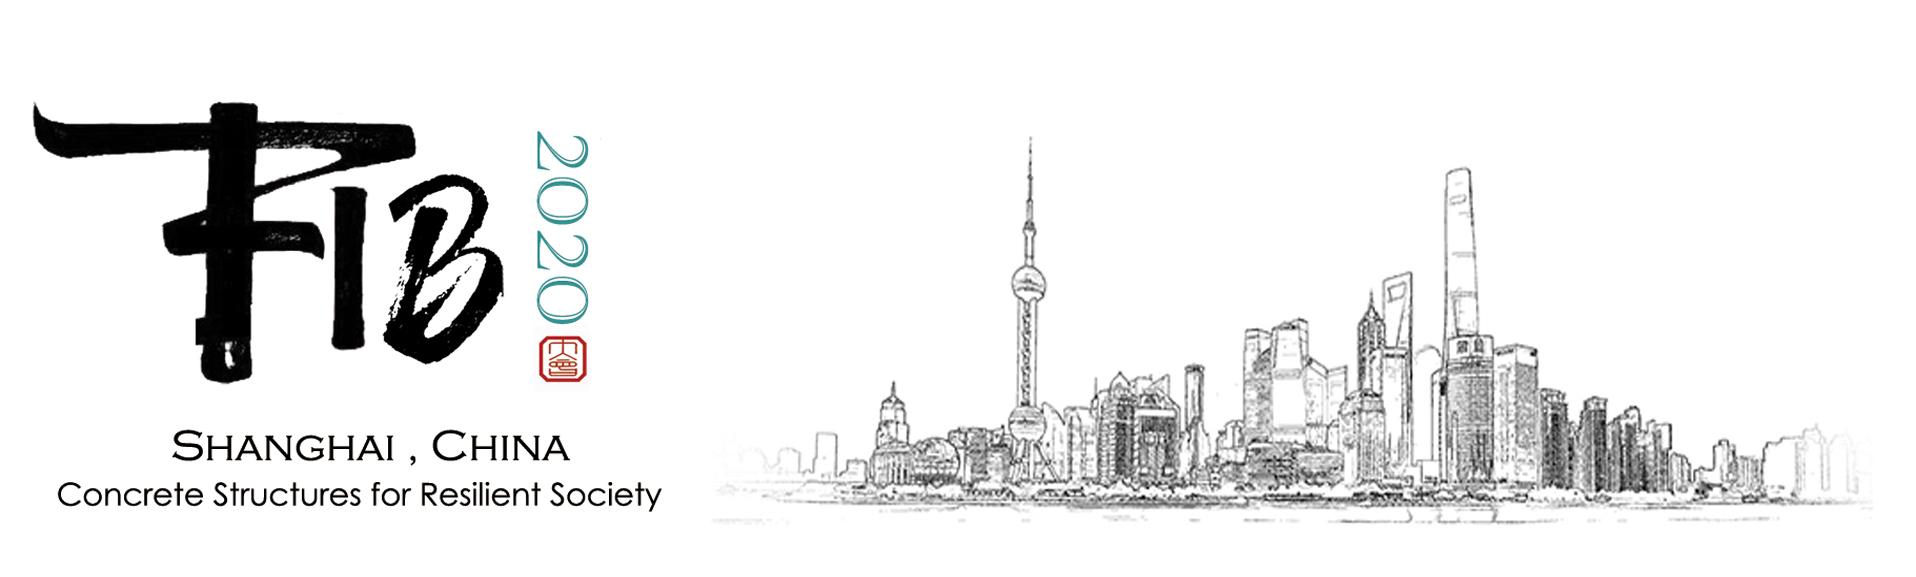 200206 slideshow accueil Shanghai